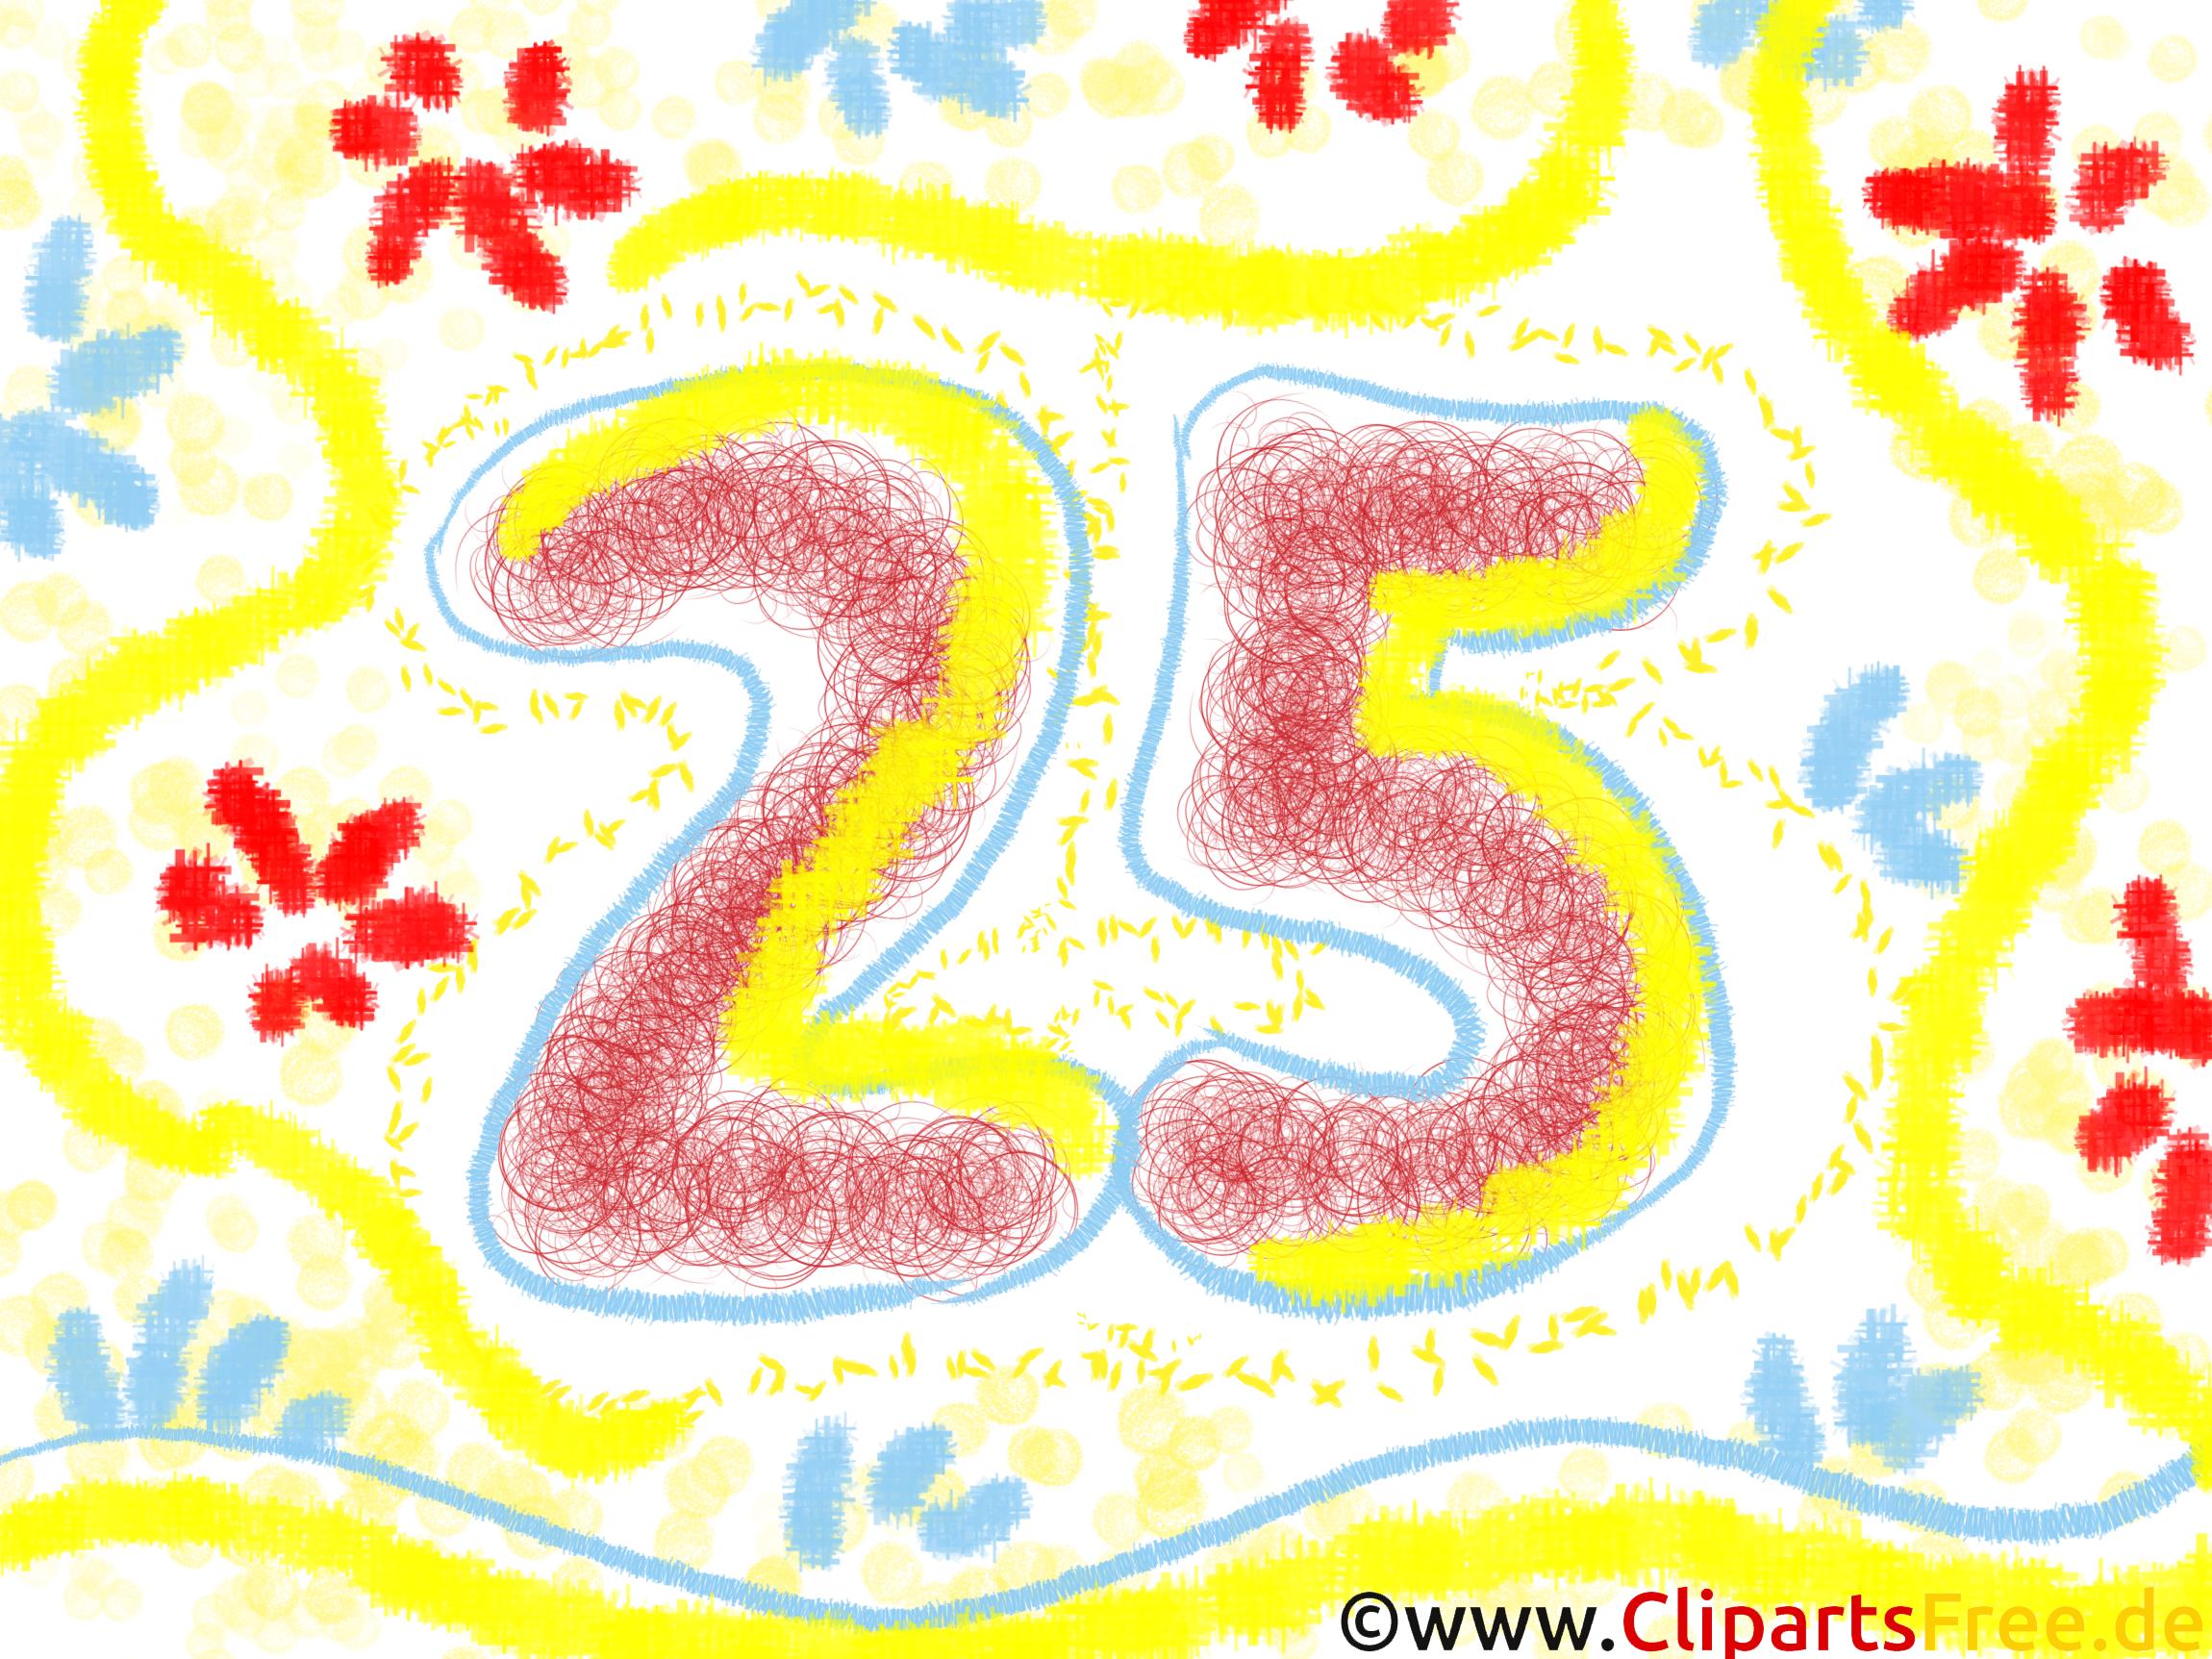 誕生日カード25年、クリップアートの誕生日、絵、グラフィック